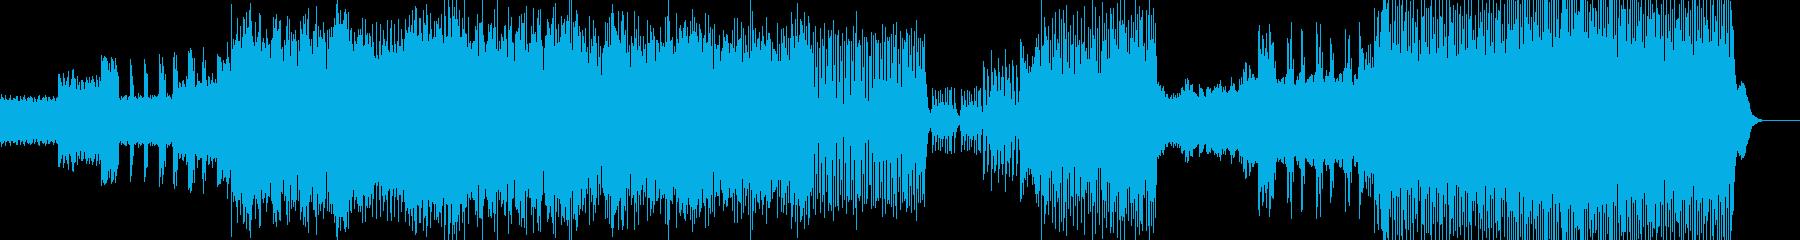 岩戸音階 相撲バトル ロッテルダムテクノの再生済みの波形